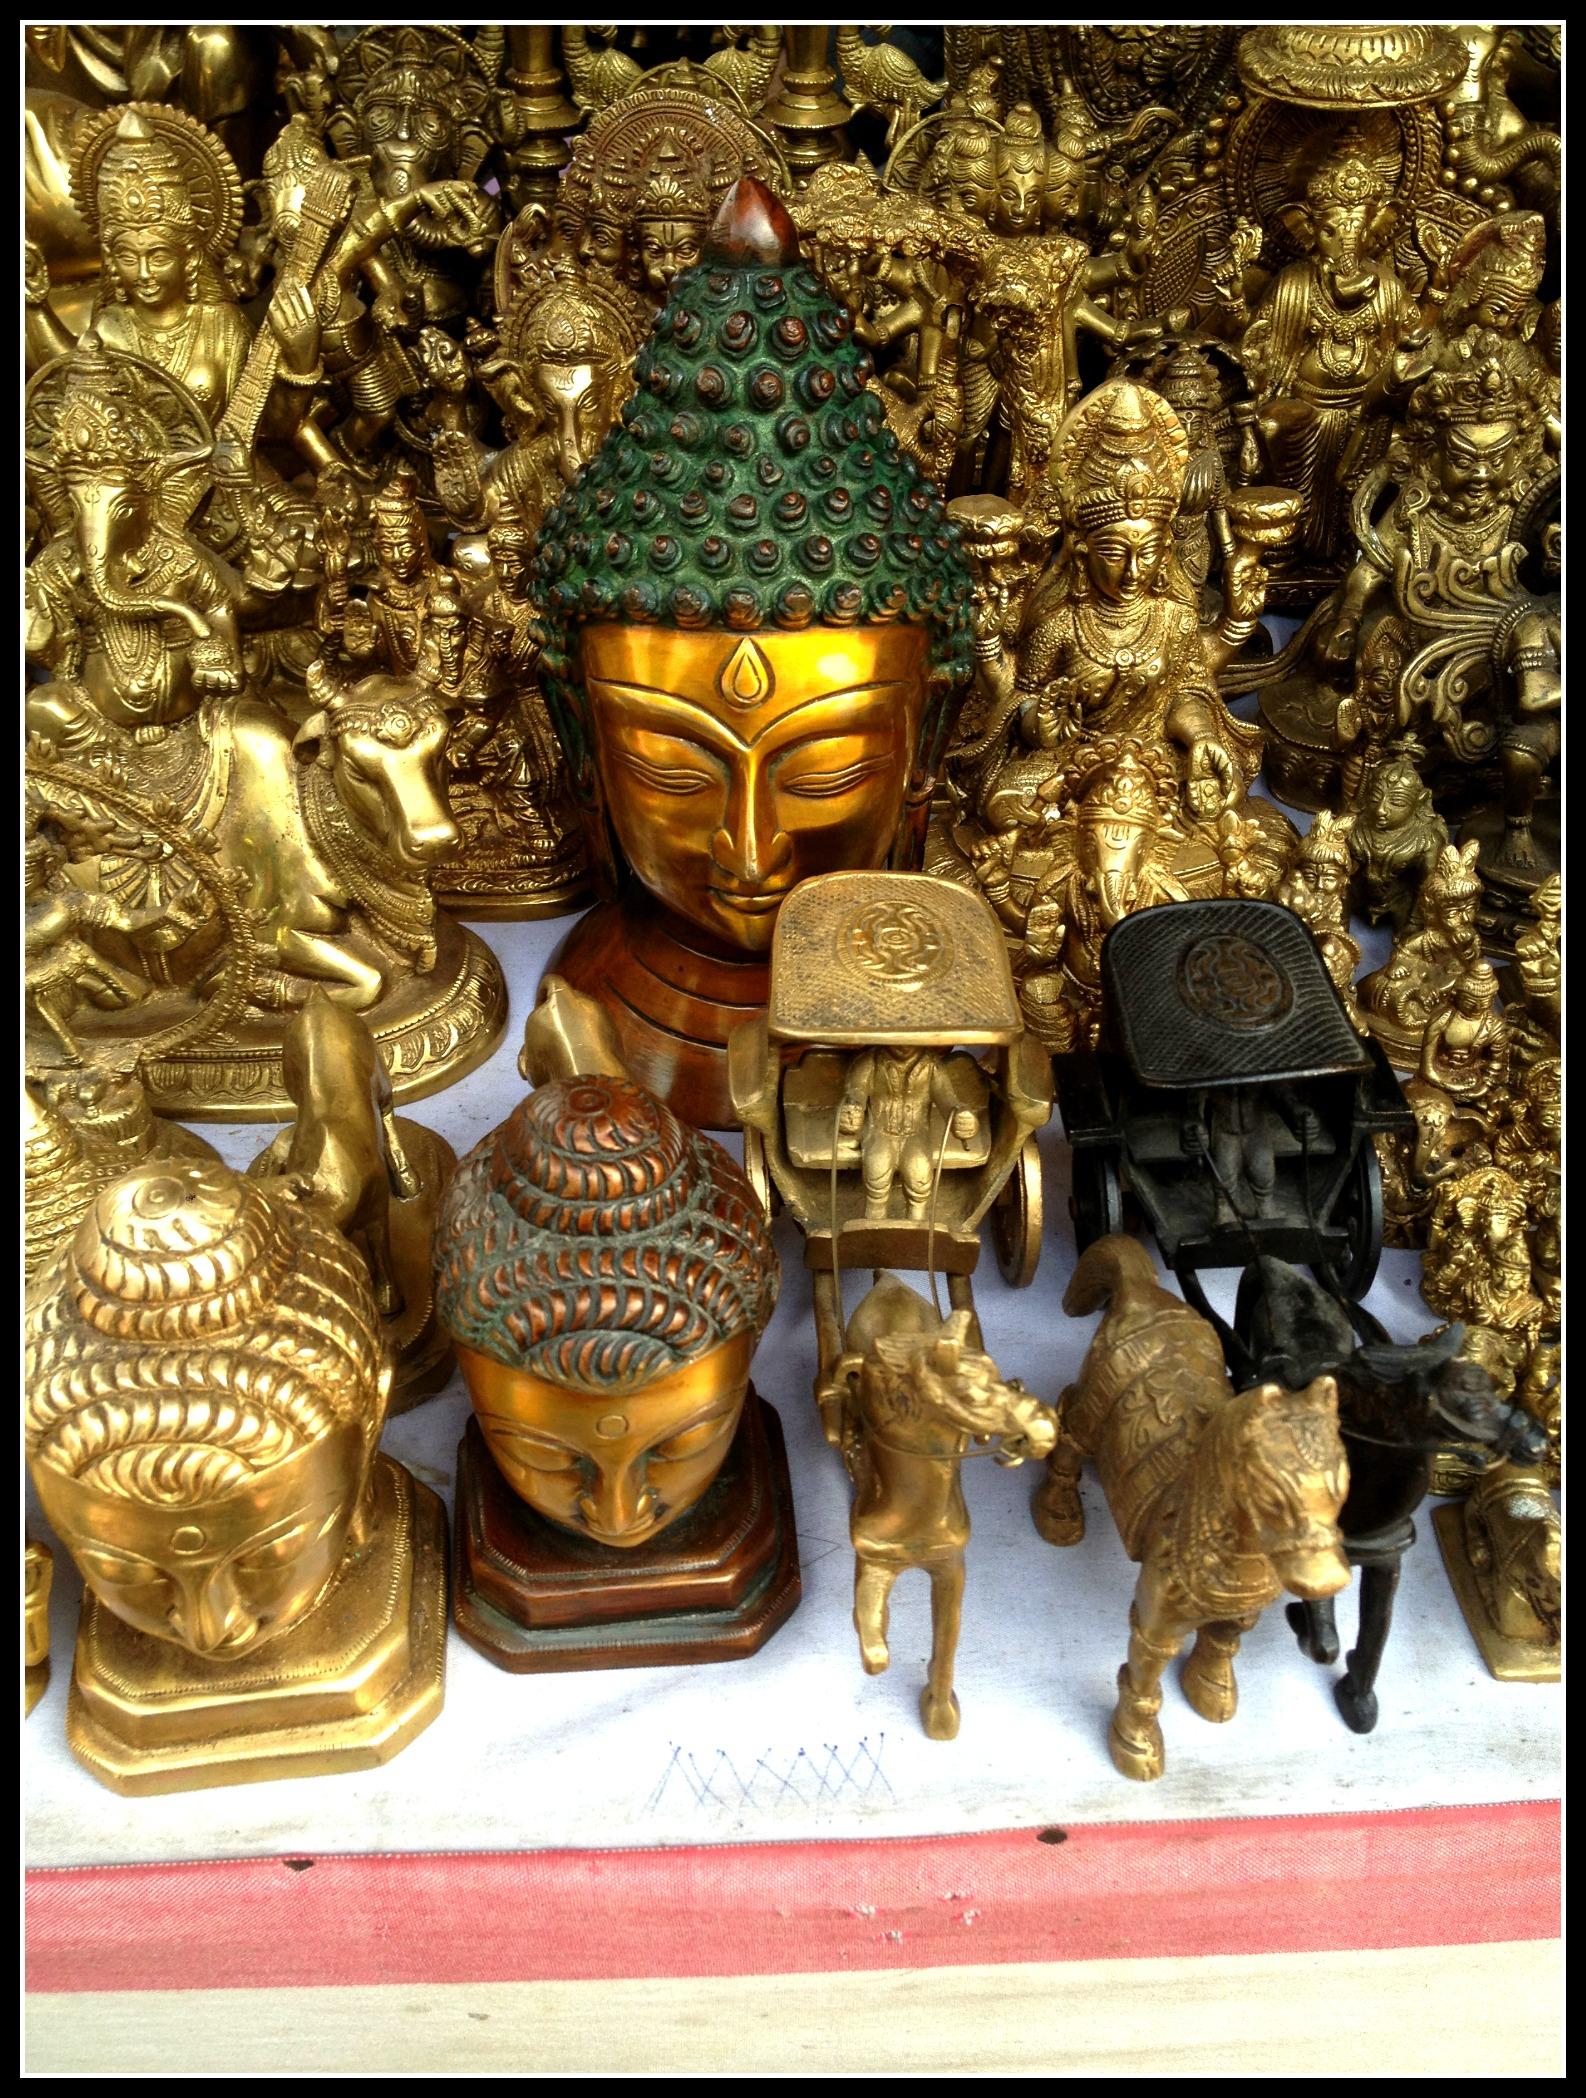 Beautiful adorned Buddha